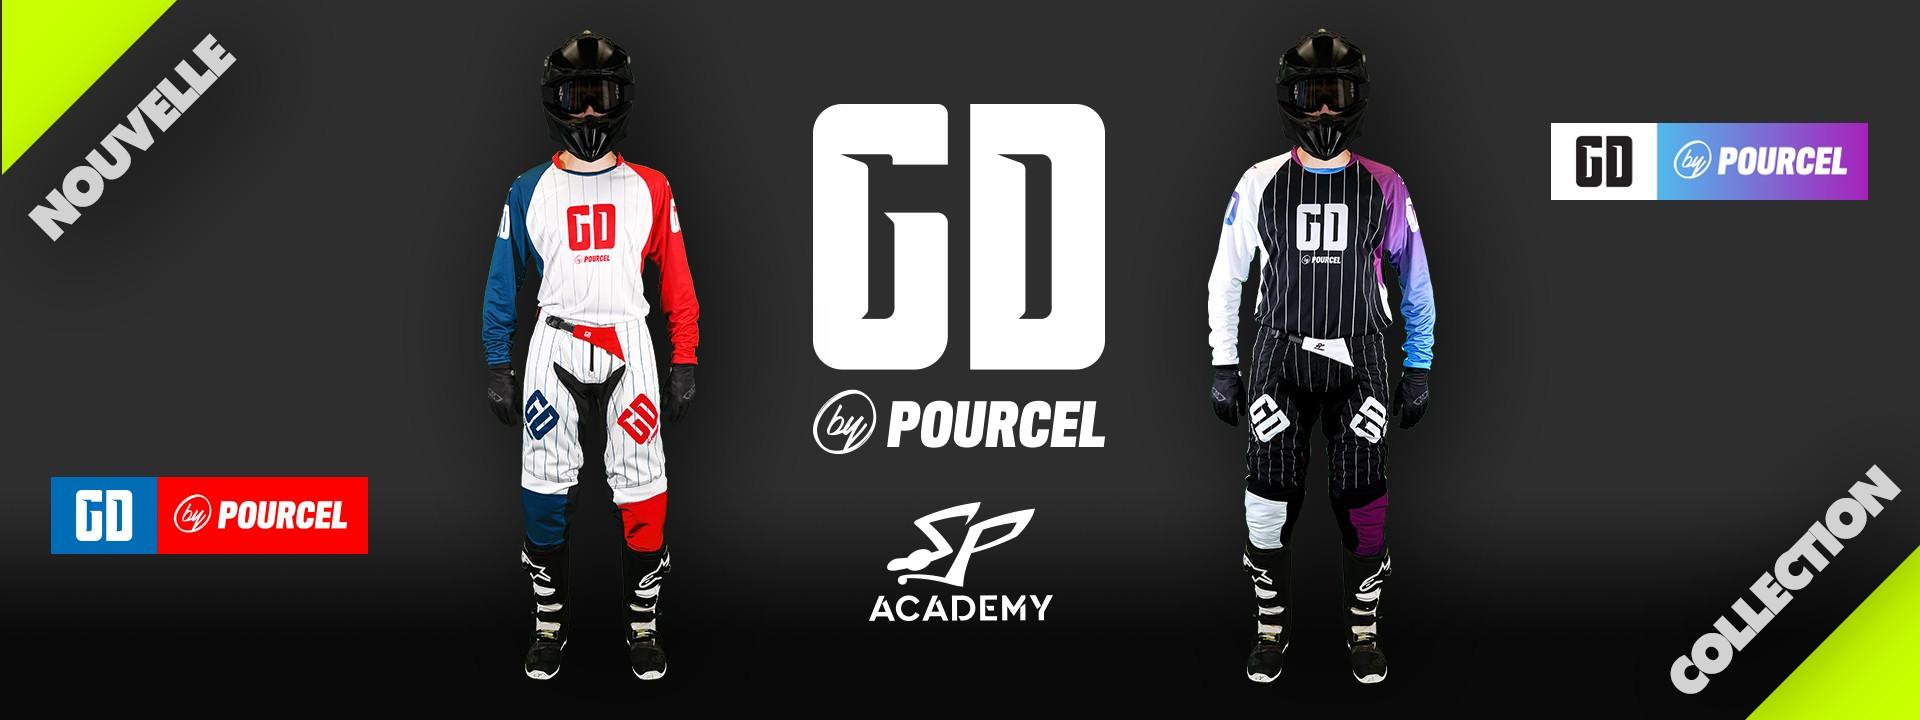 Tenue Pourcel : motocross - enduro - quad : pantalon - maillot - gants